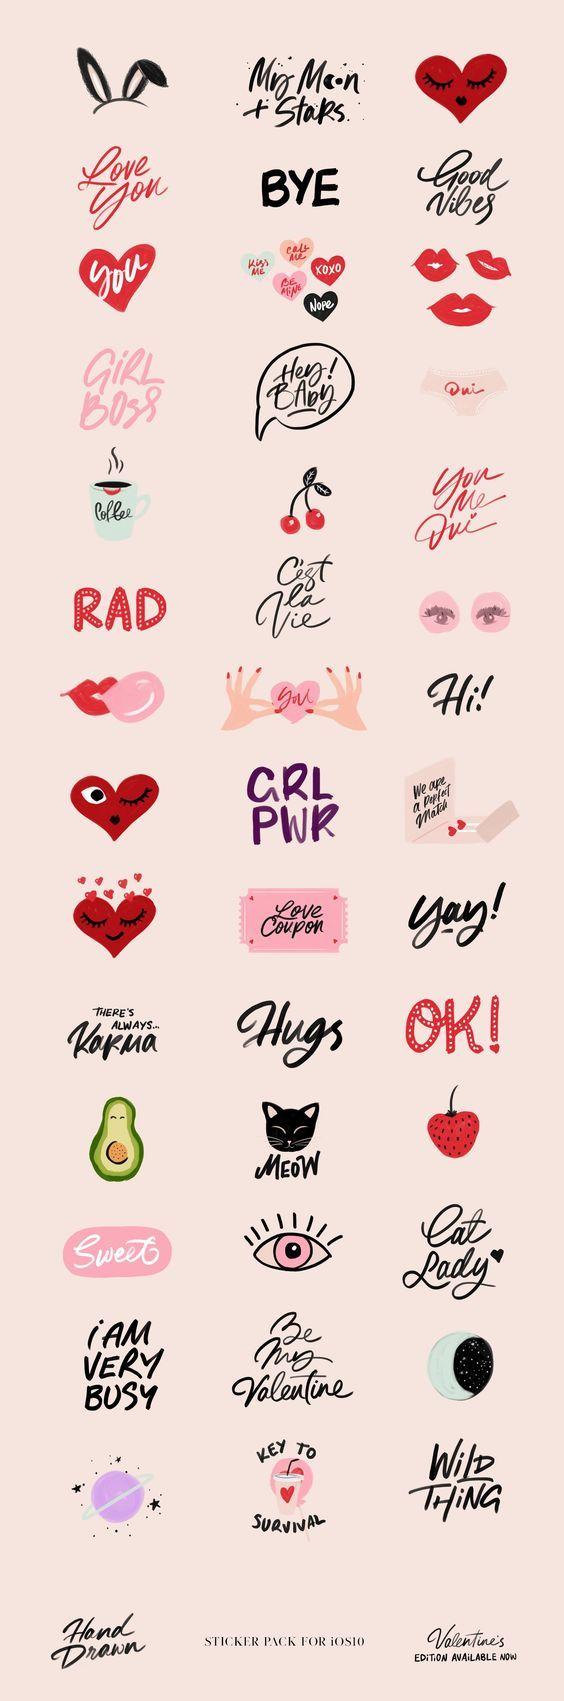 Valentinstag Facelift für unseren Hand Drawn Sticker Pack